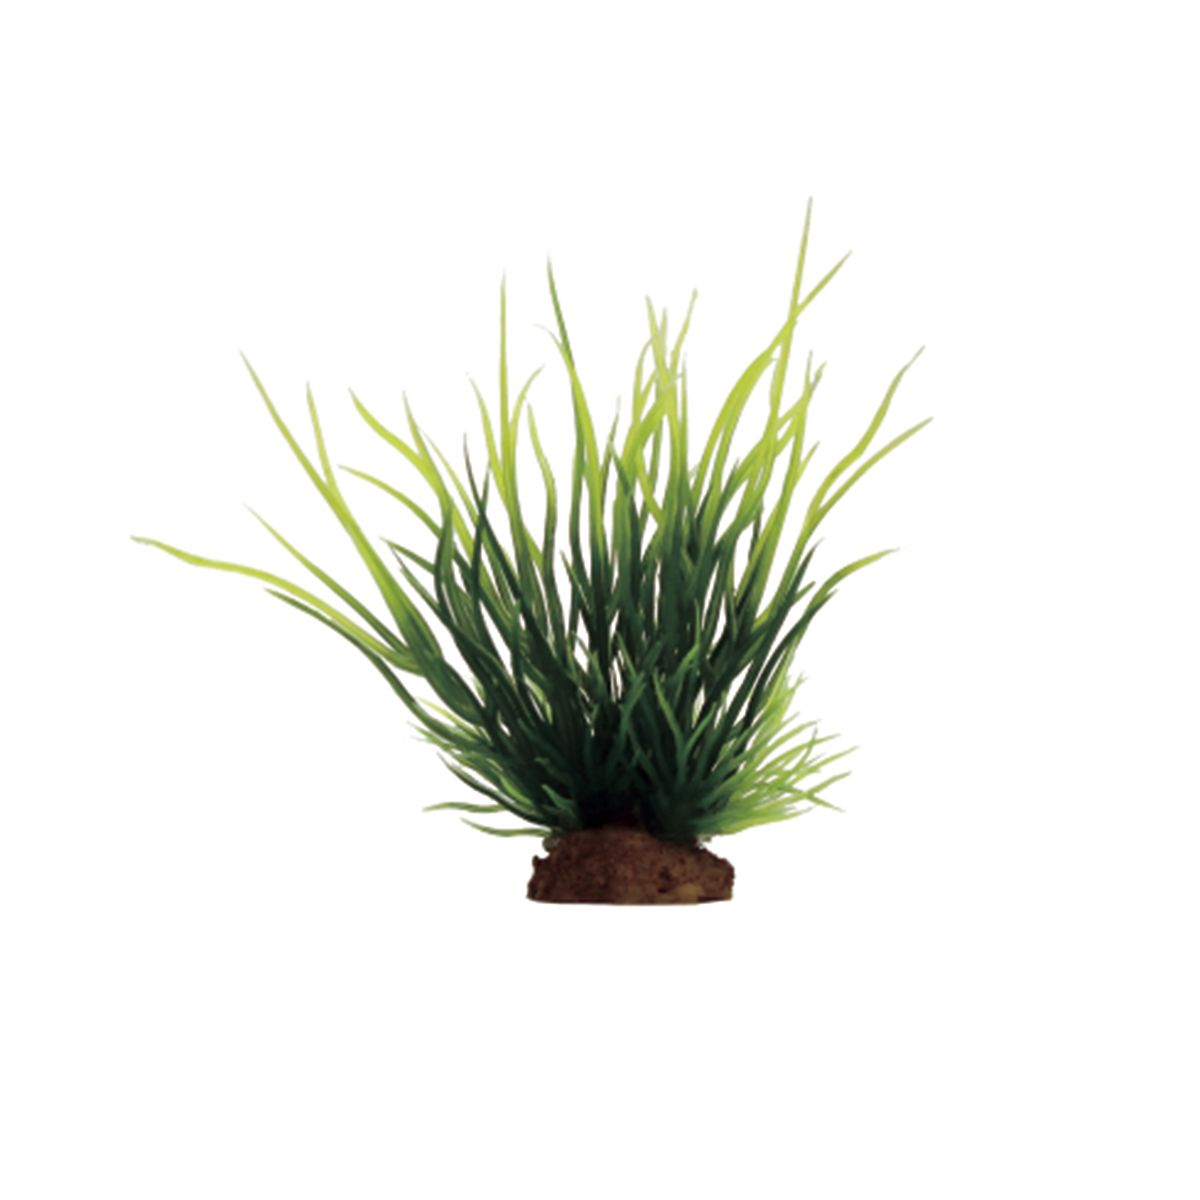 Растение для аквариума ArtUniq Лилеопсис, высота 10 см, 6 шт0120710Композиция из искусственных растений ArtUniq превосходно украсит и оживит аквариум.Растения - это важная часть любой композиции, они помогут вдохнуть жизнь в ландшафт любого аквариума или террариума. А их сходствос природными порадует даже самых взыскательных ценителей.